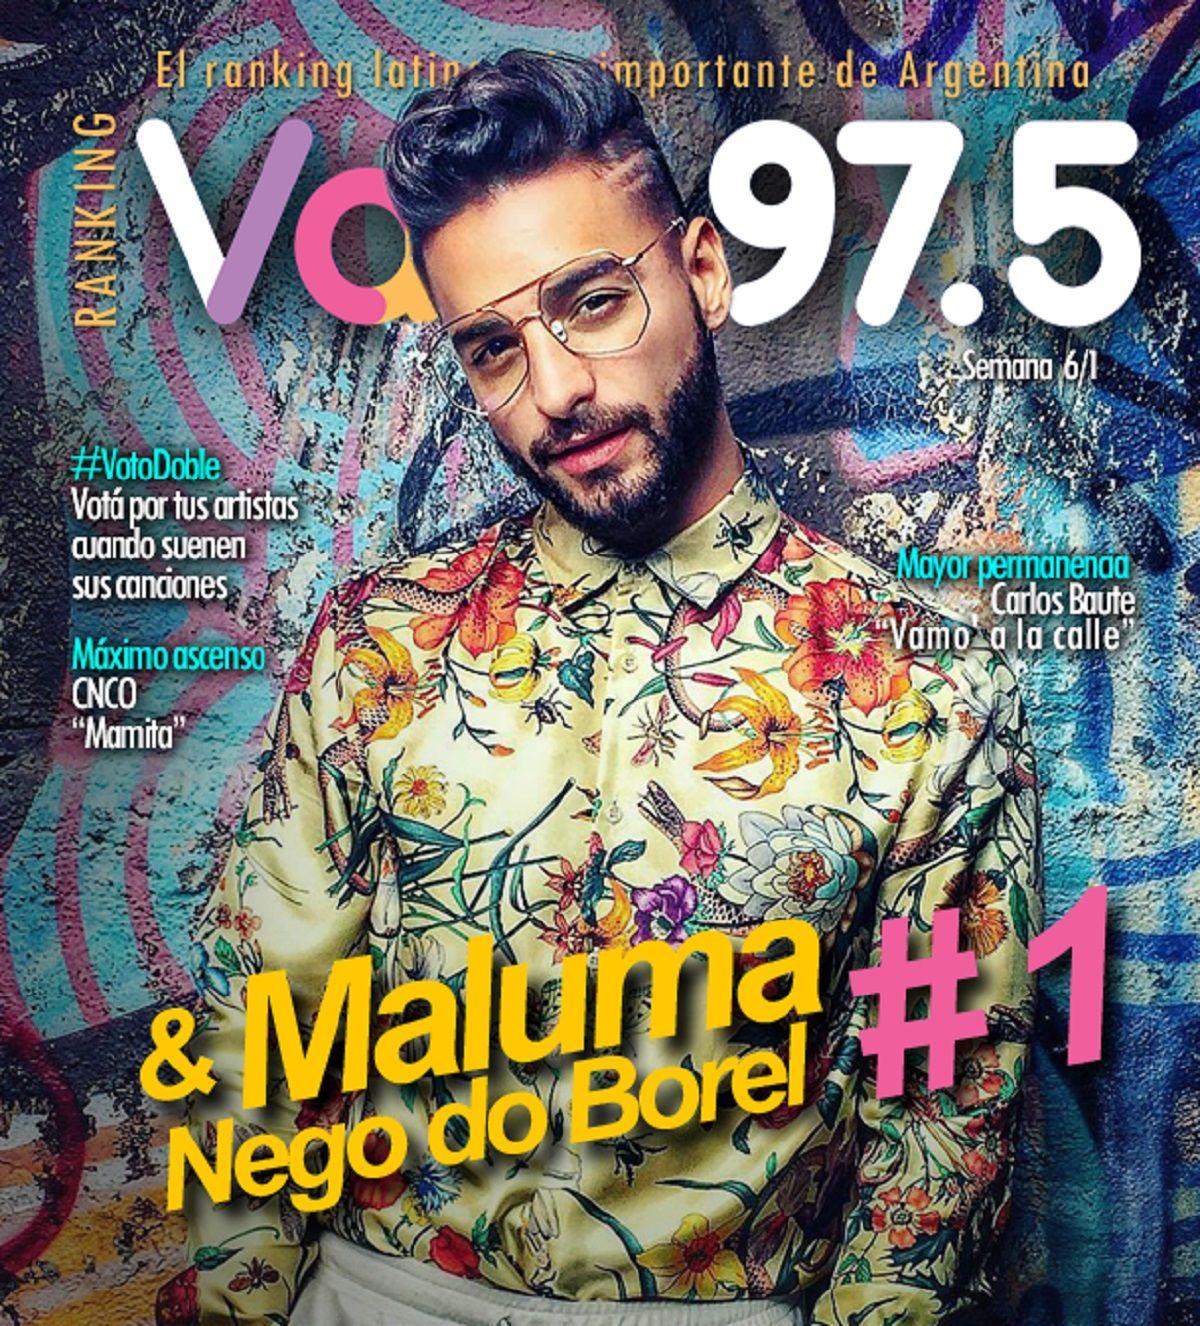 Maluma empezó 2018 como líder de Ranking Vale